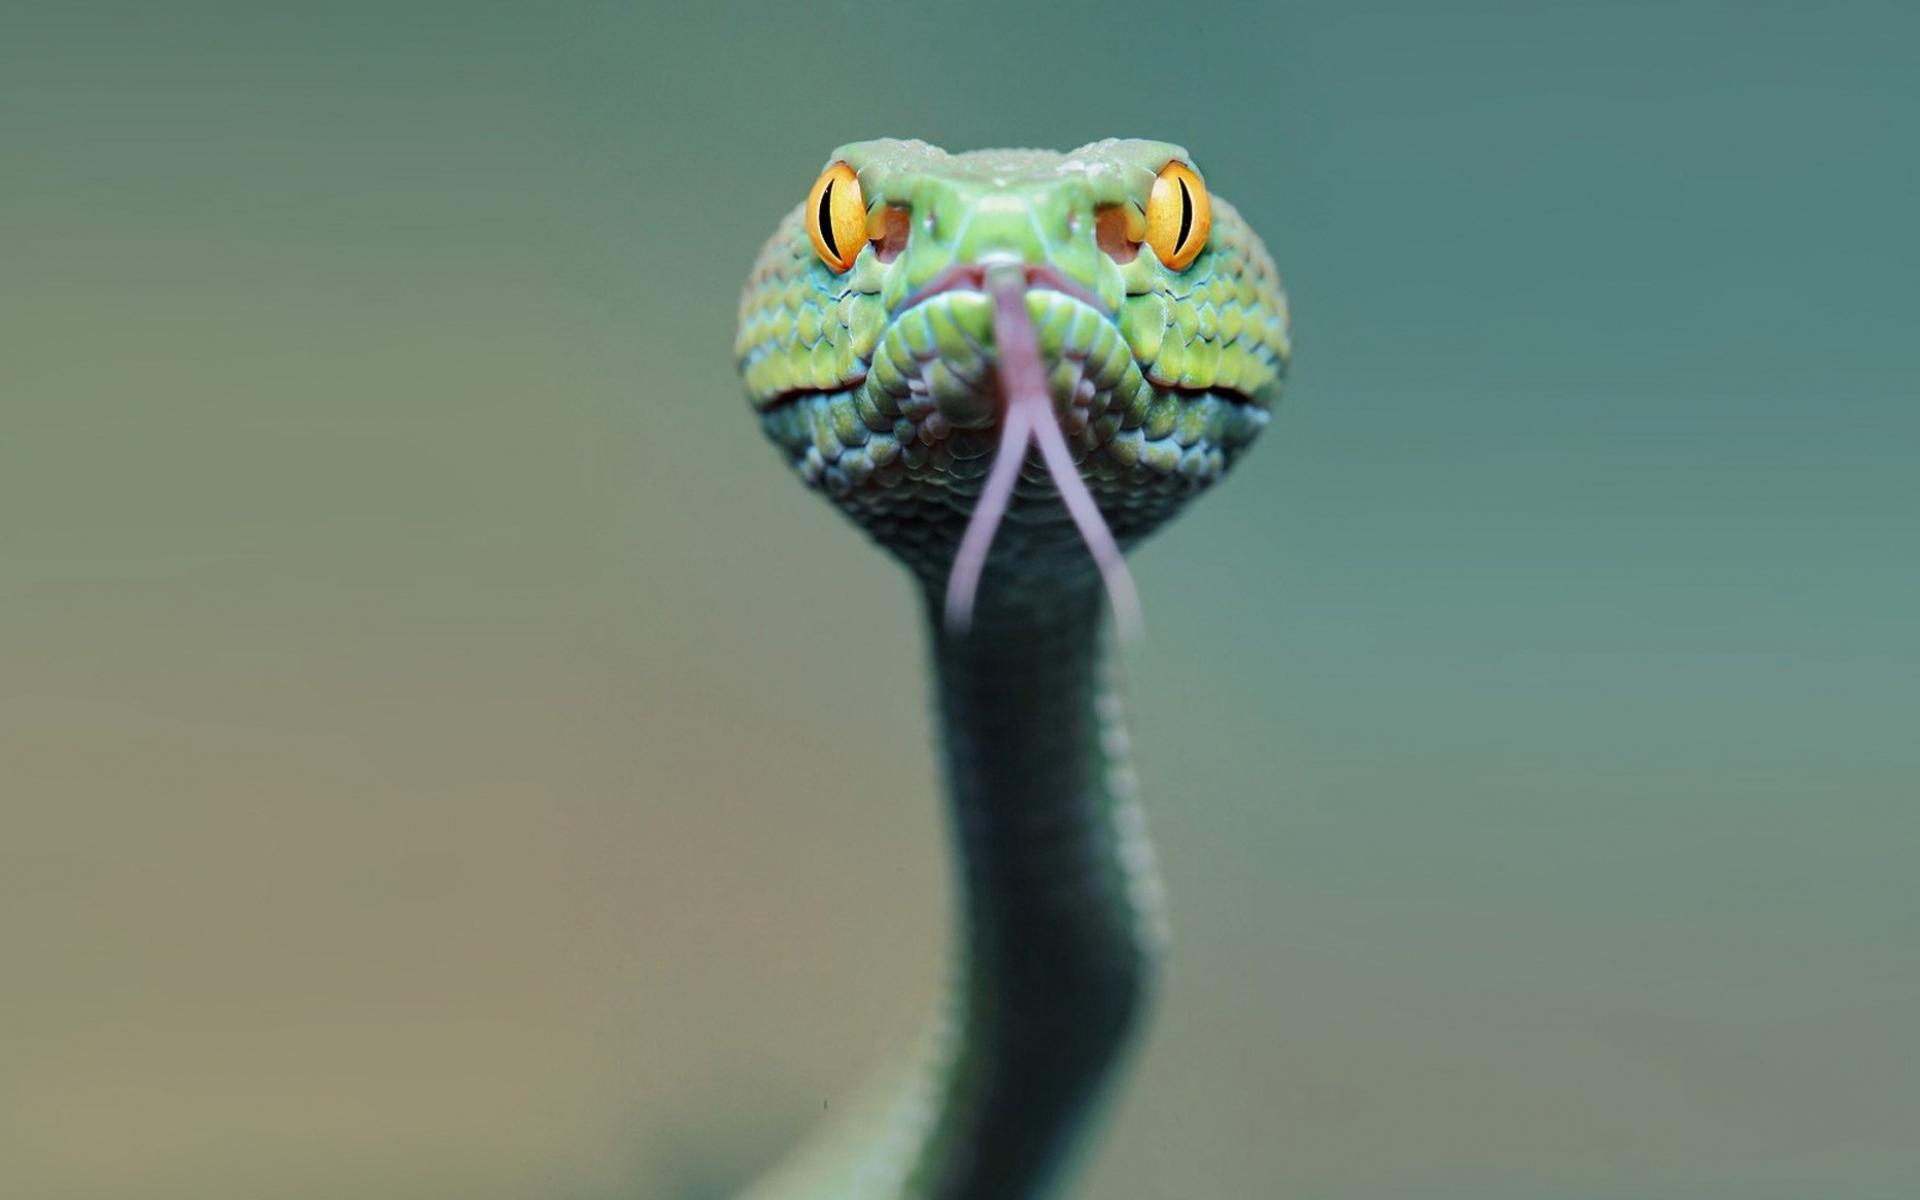 картинки змей для рабочего стола на весь экран лимузине для